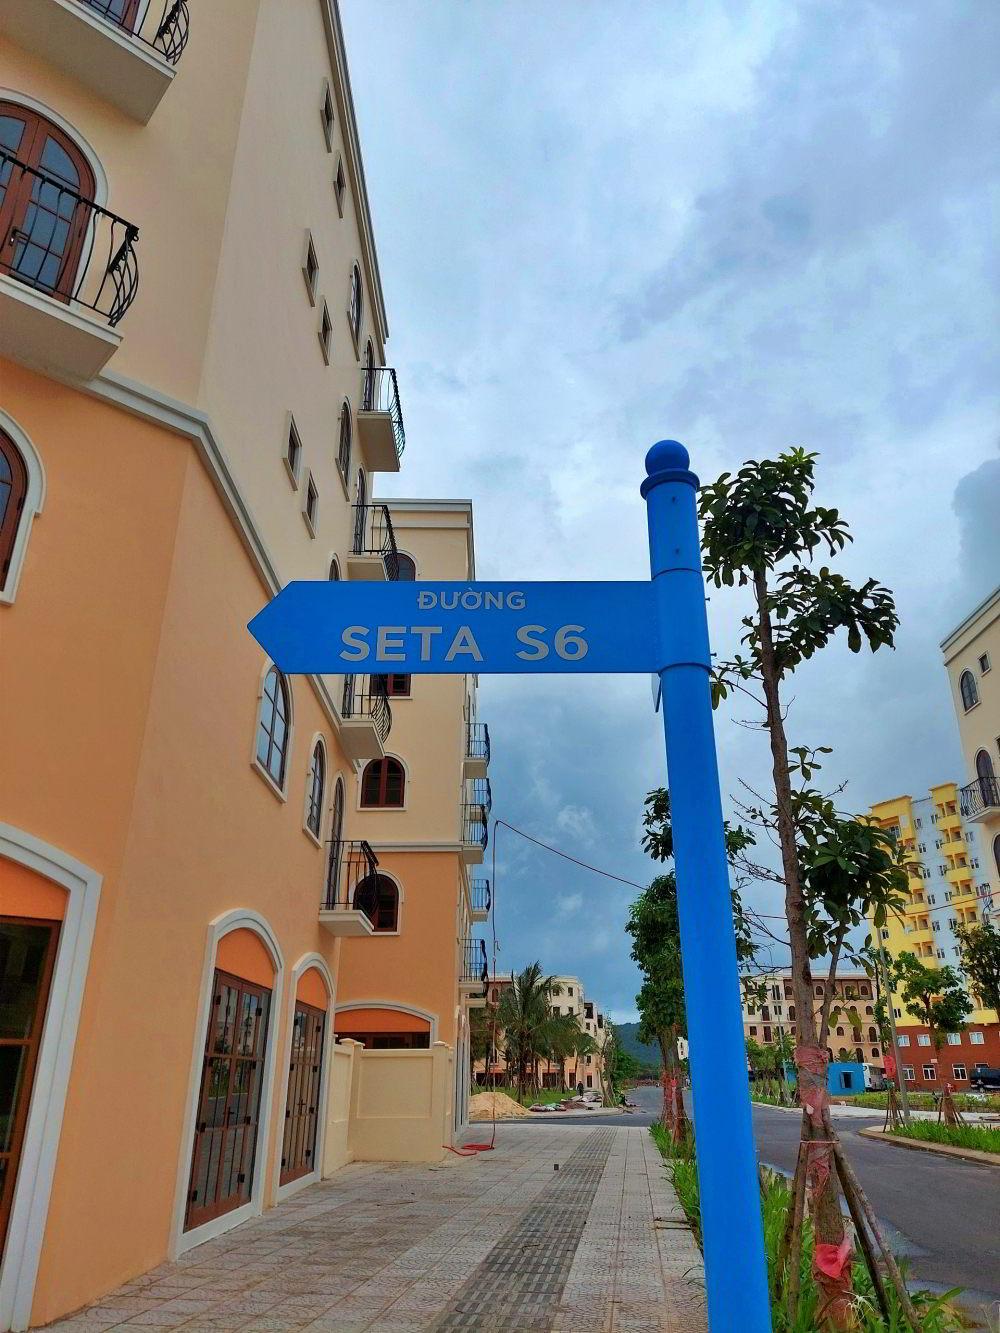 Bán nhà phố S6-68 diện tích 277m2 - Căn góc lớn 2 mặt tiền đường lớn 2